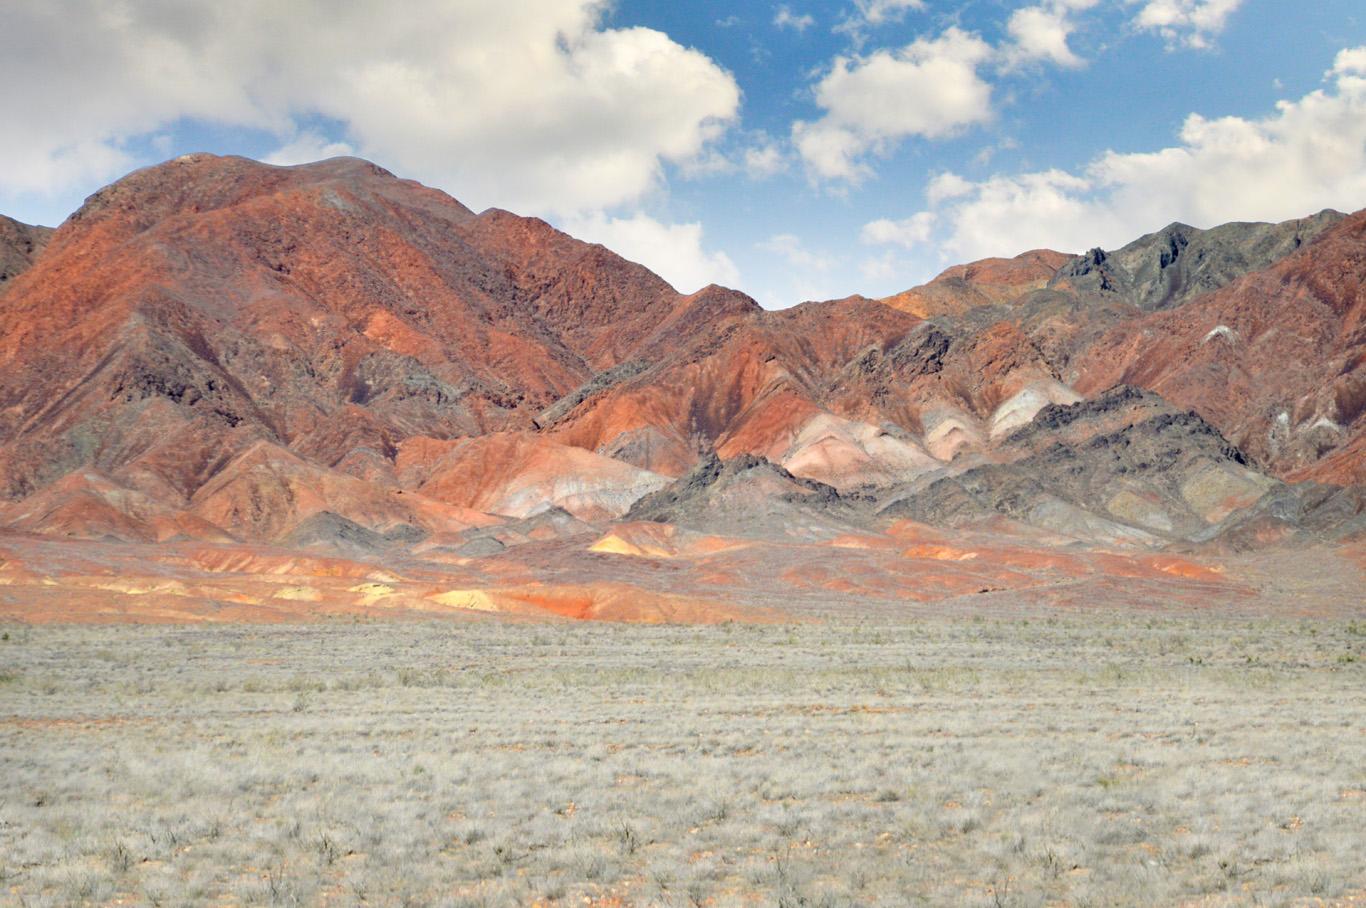 Katutau mountains